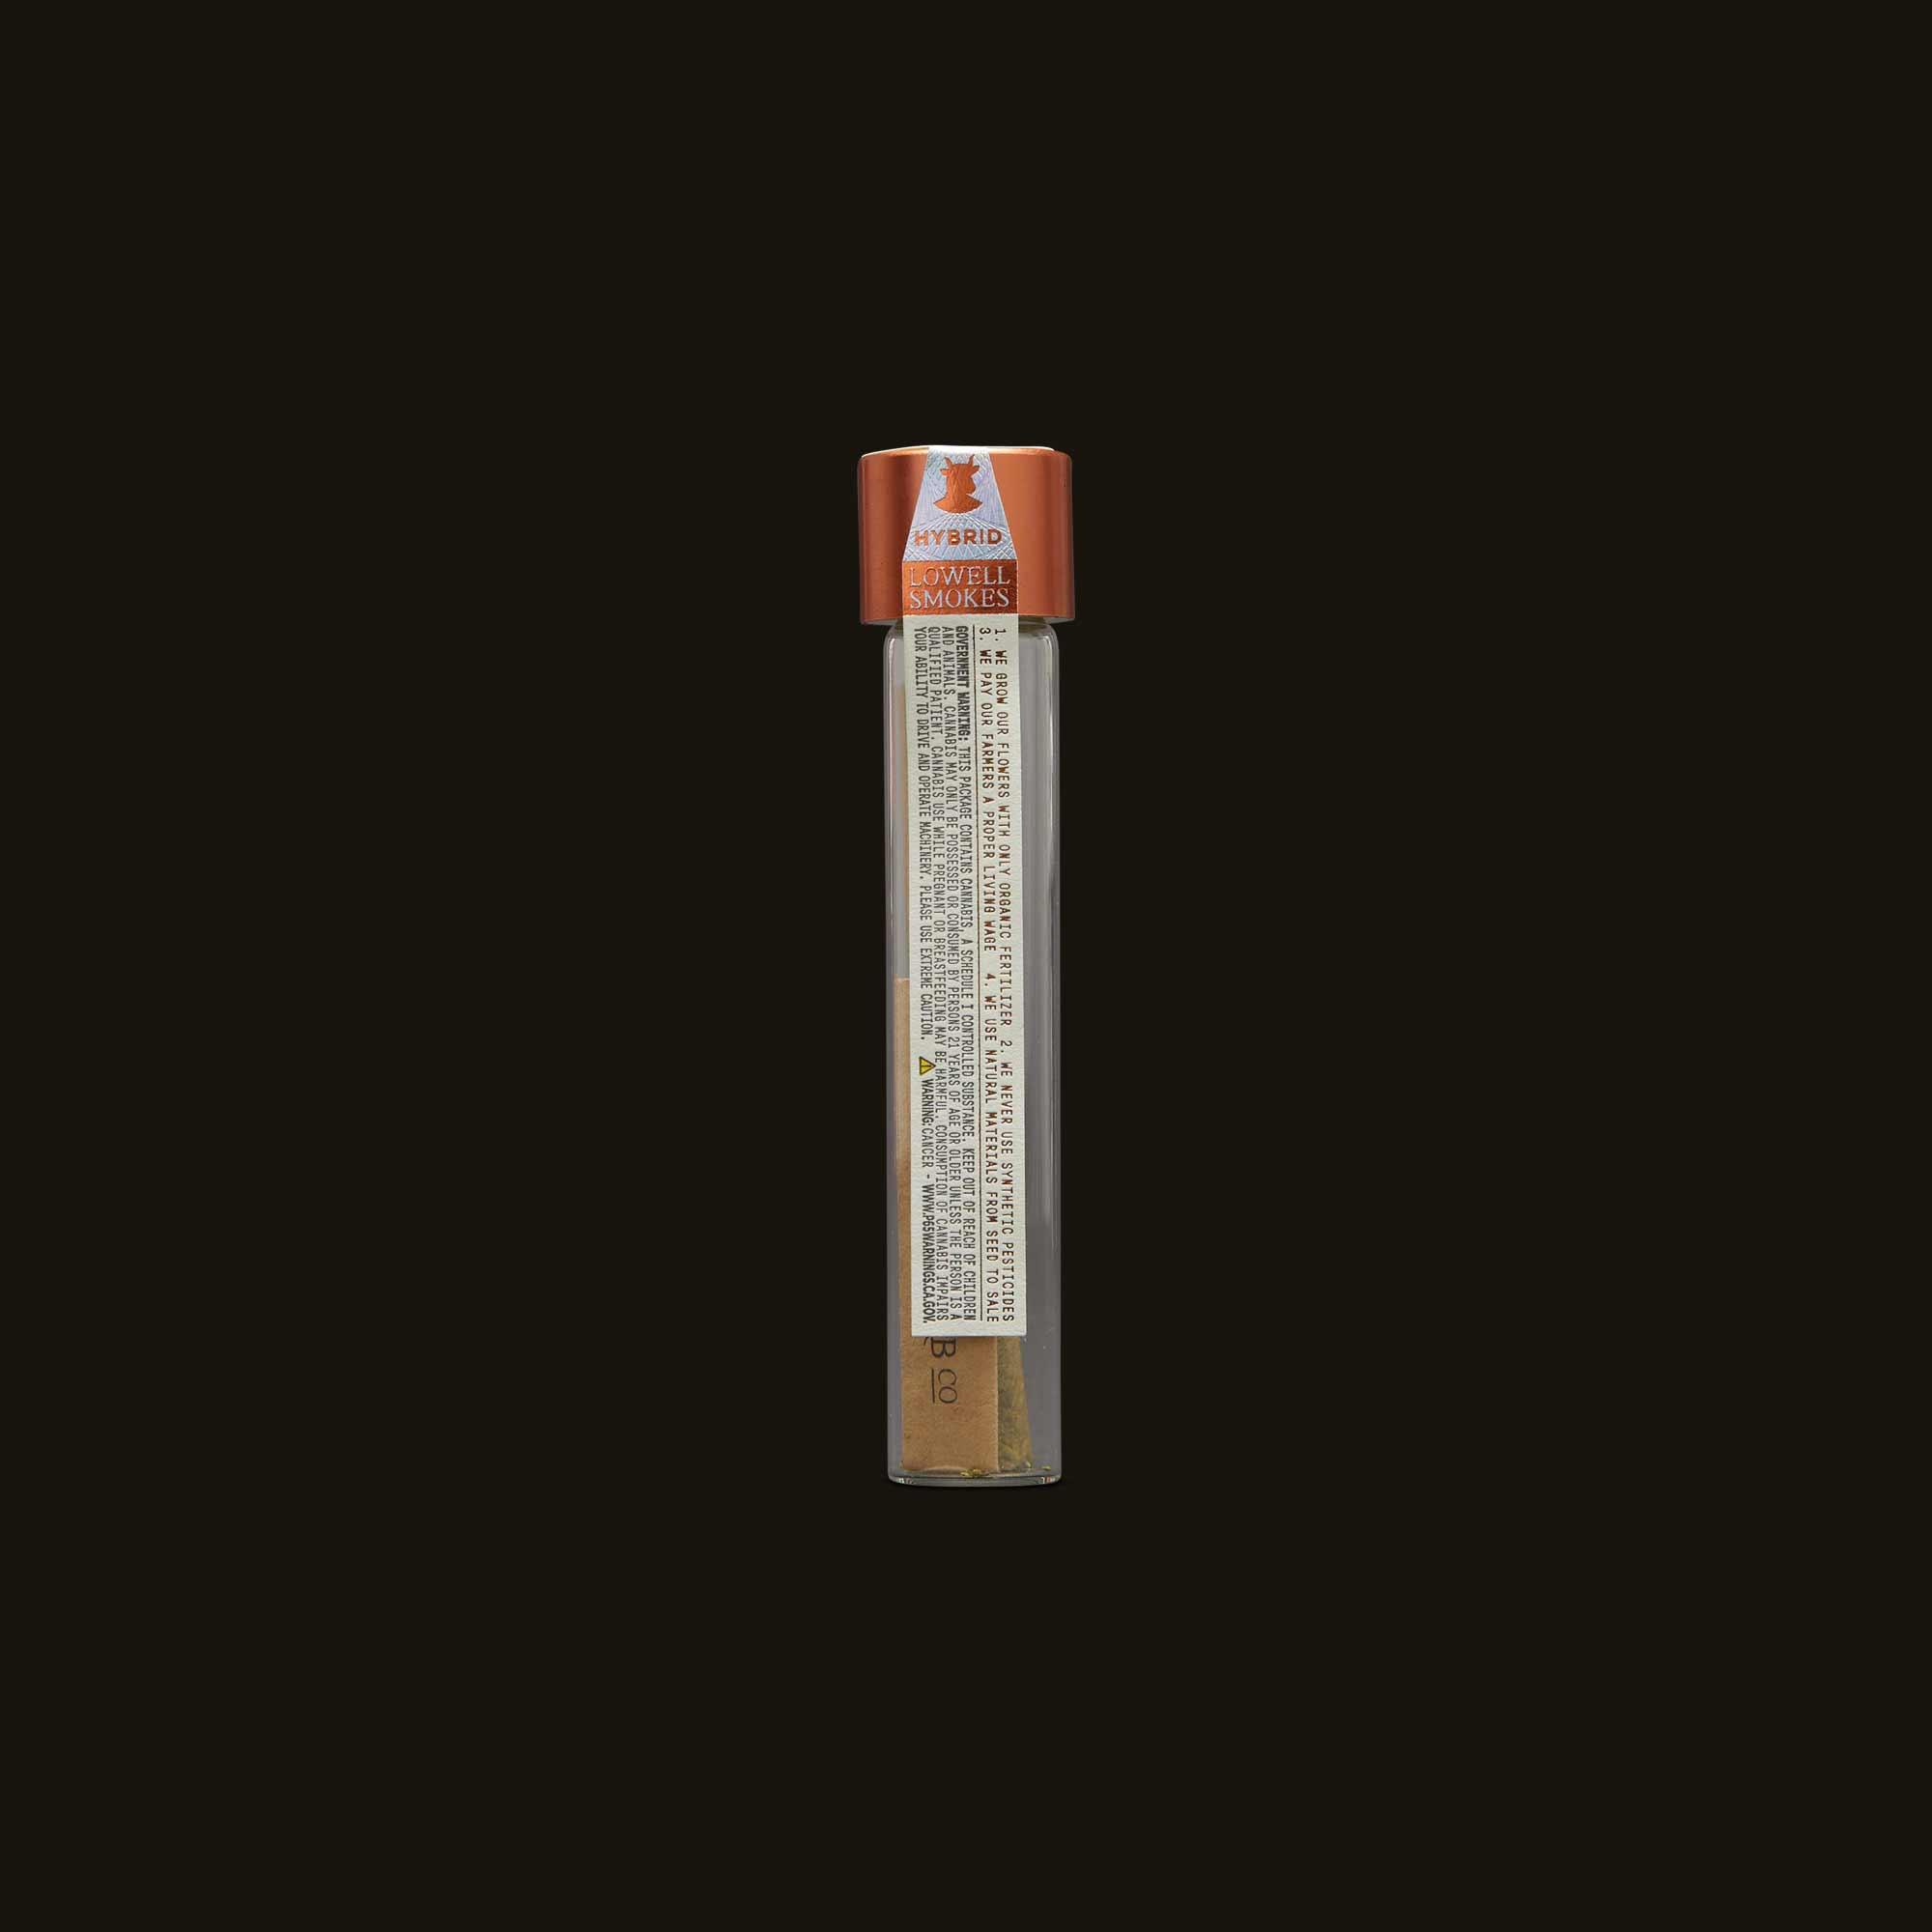 Lowell Herb Co. Pre-Rolls - Sour Diesel Pre-Roll